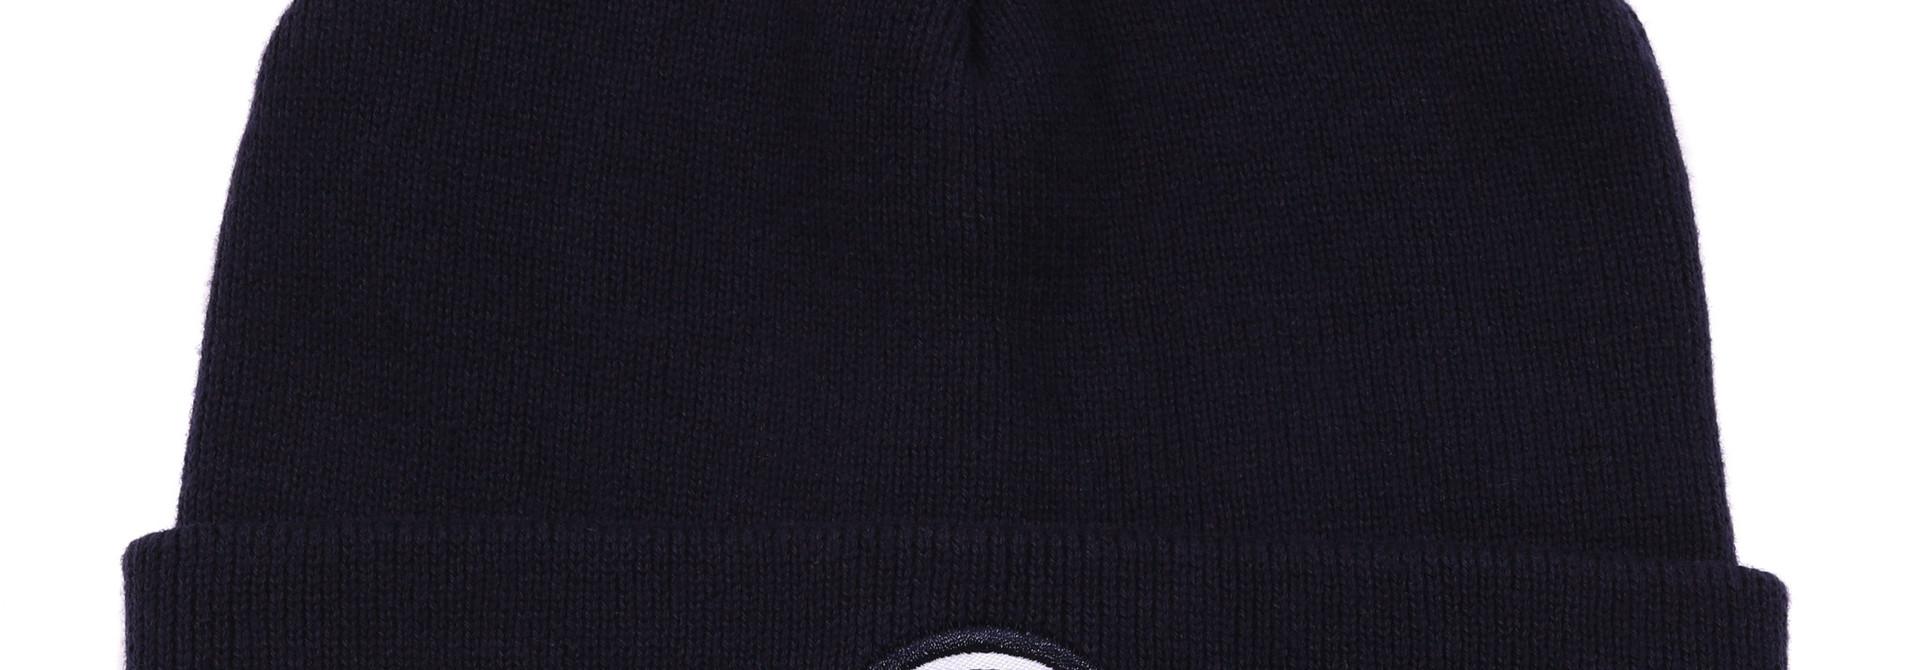 Tuque bébé en tricot Marine